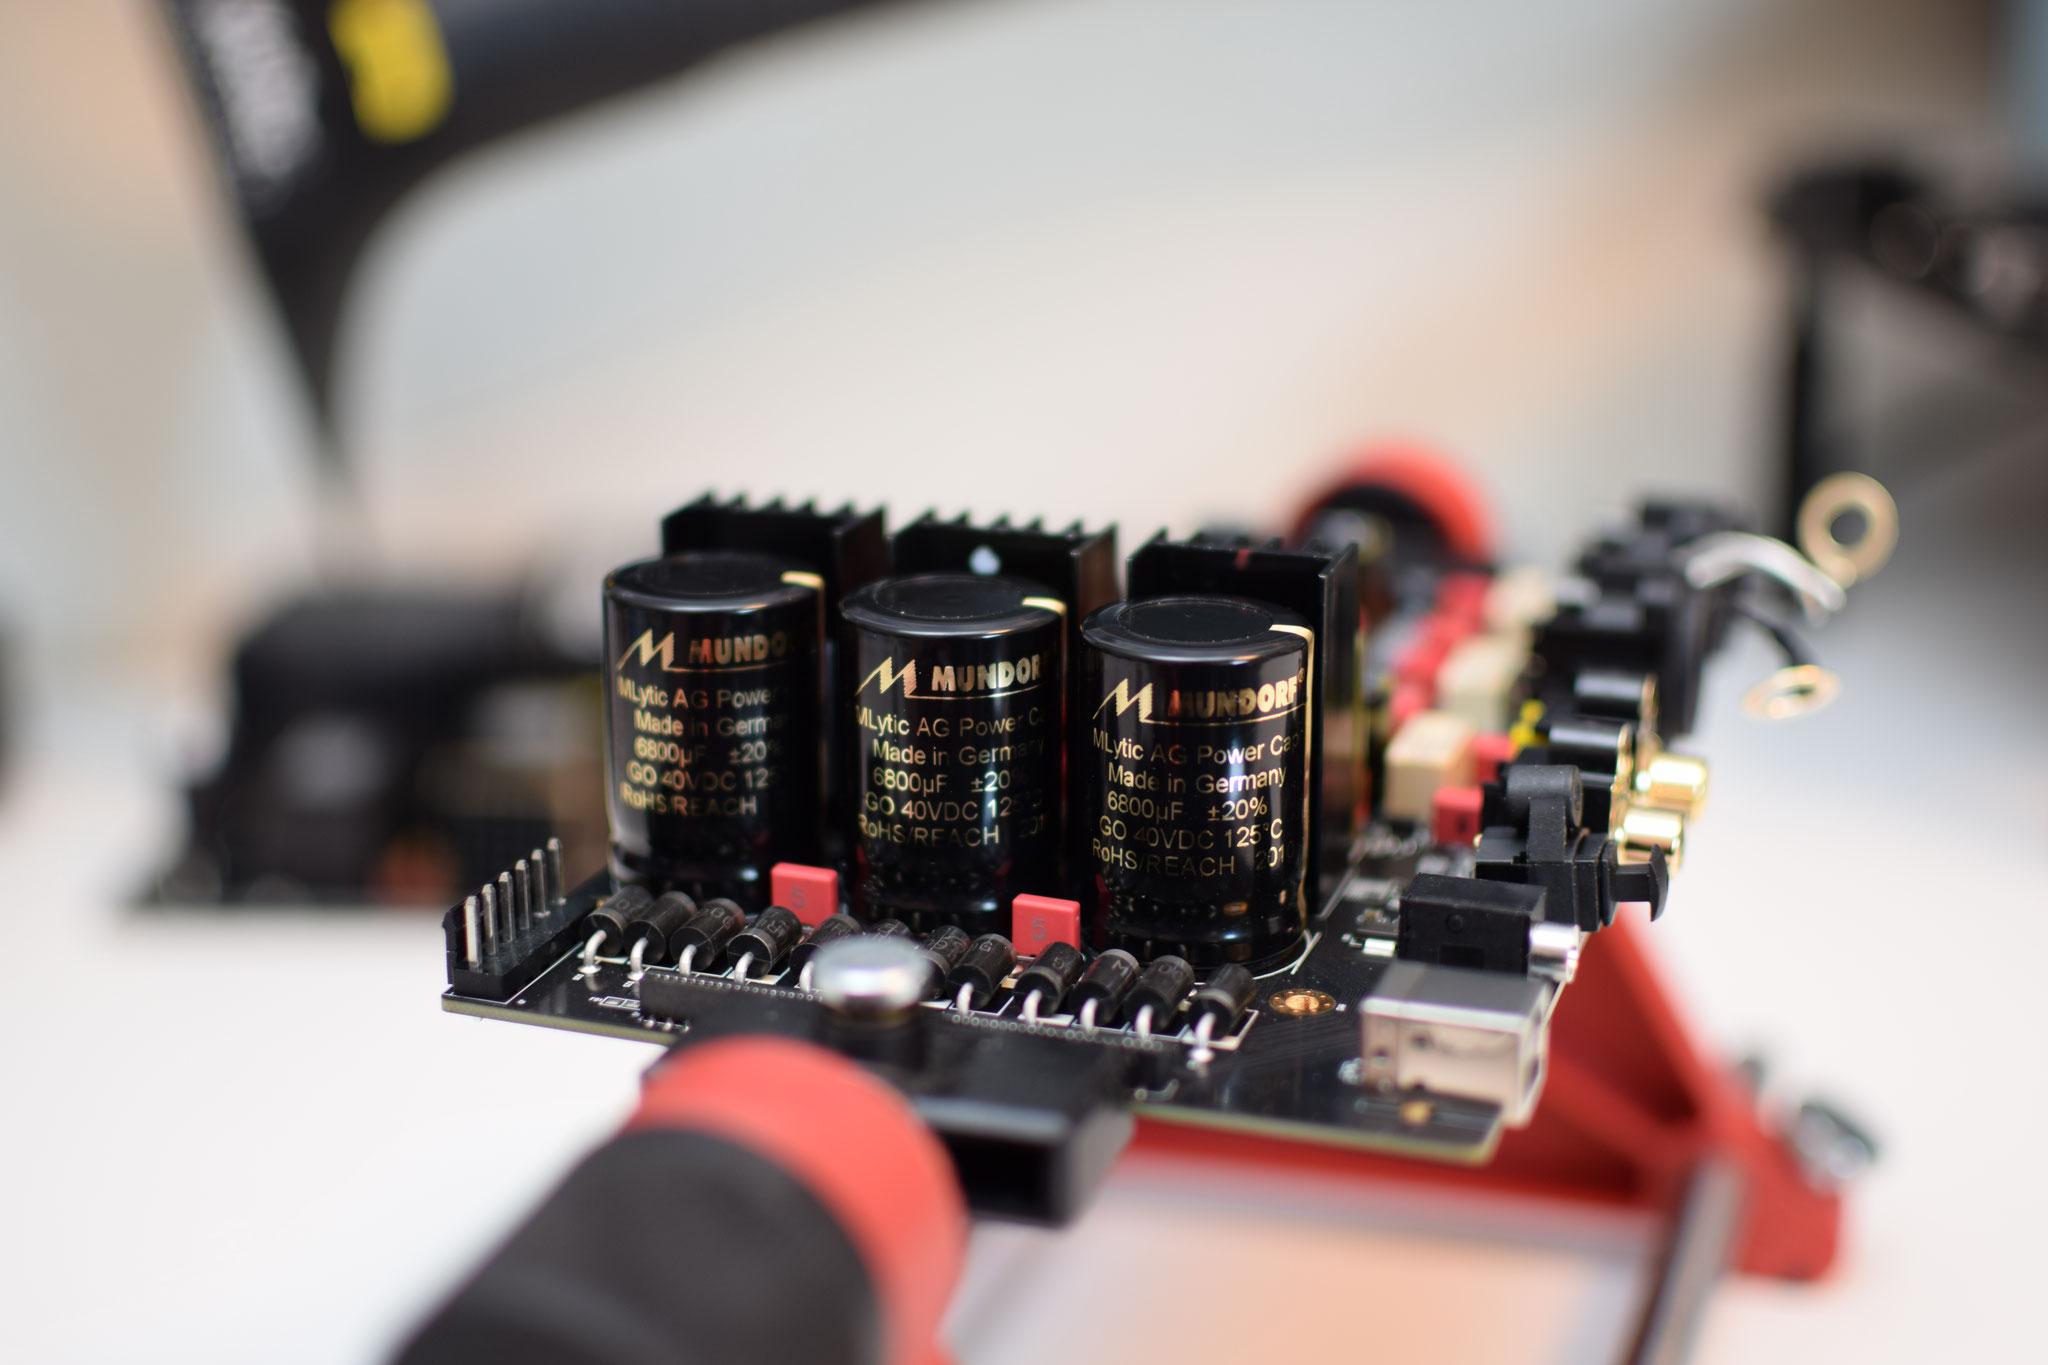 Zidoo UHD 3000 authentic cinemaAnalogboard Mundorf